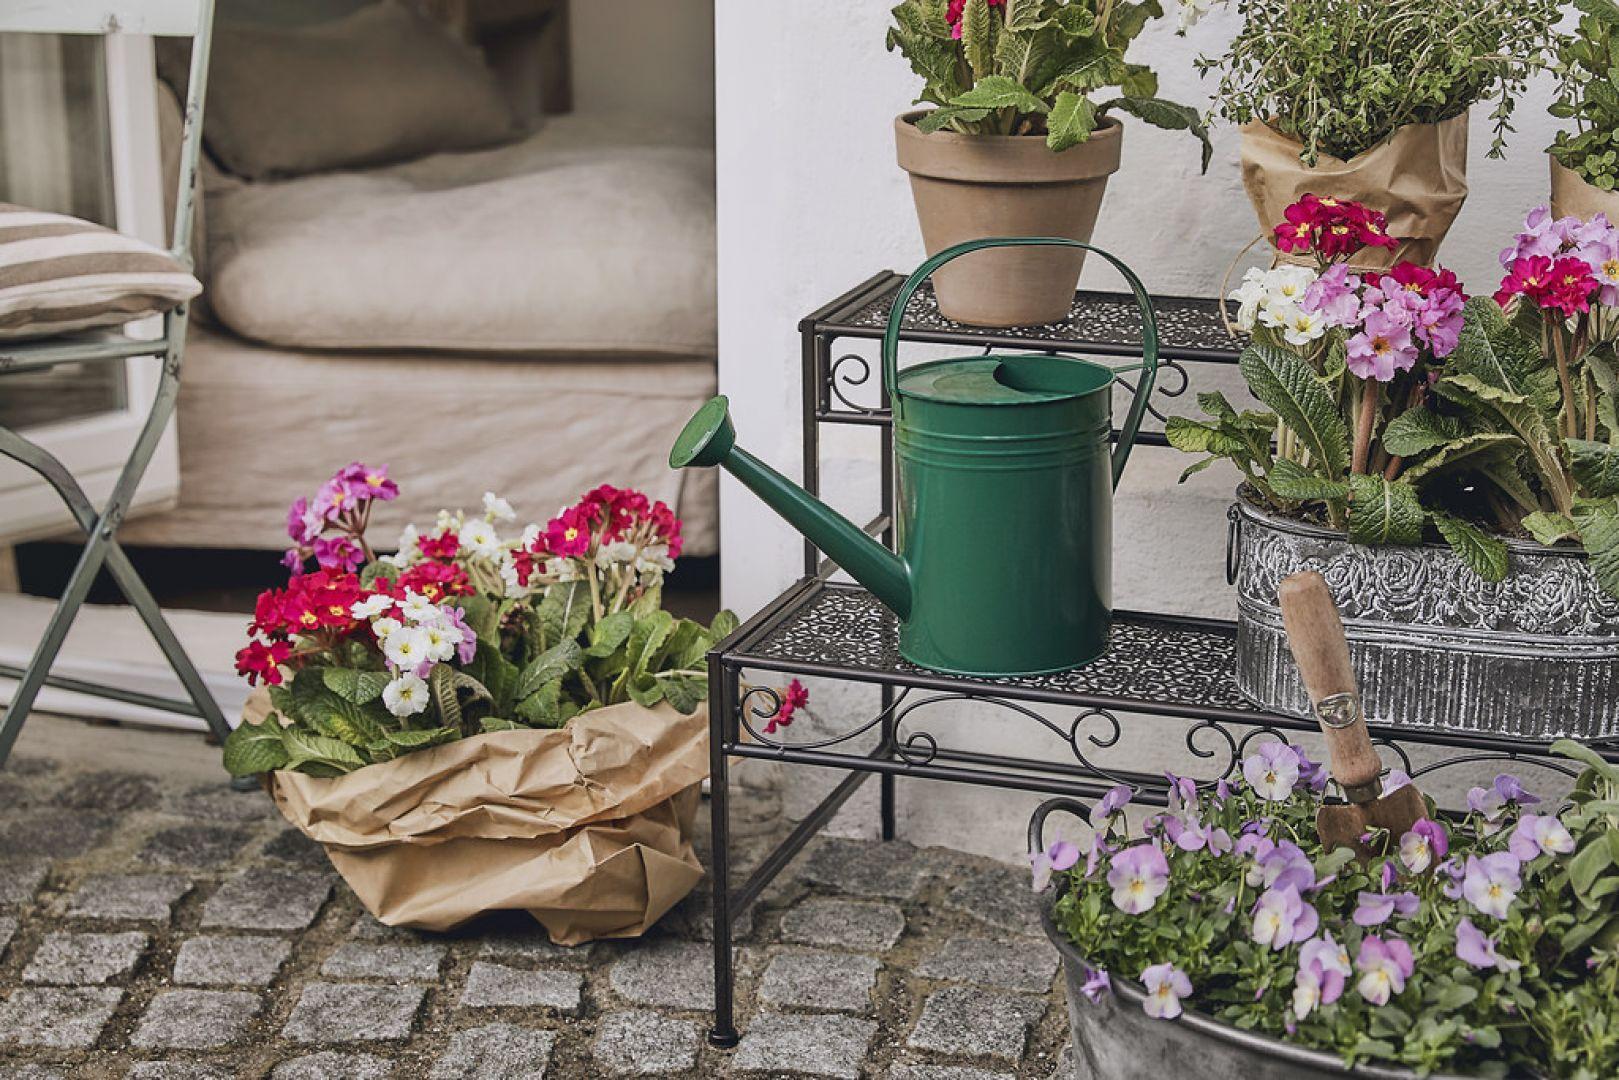 Wyposaż swój ogród w donice, stojaki i inne produkty do wyeksponowania roślin. Fot. WestwingNow